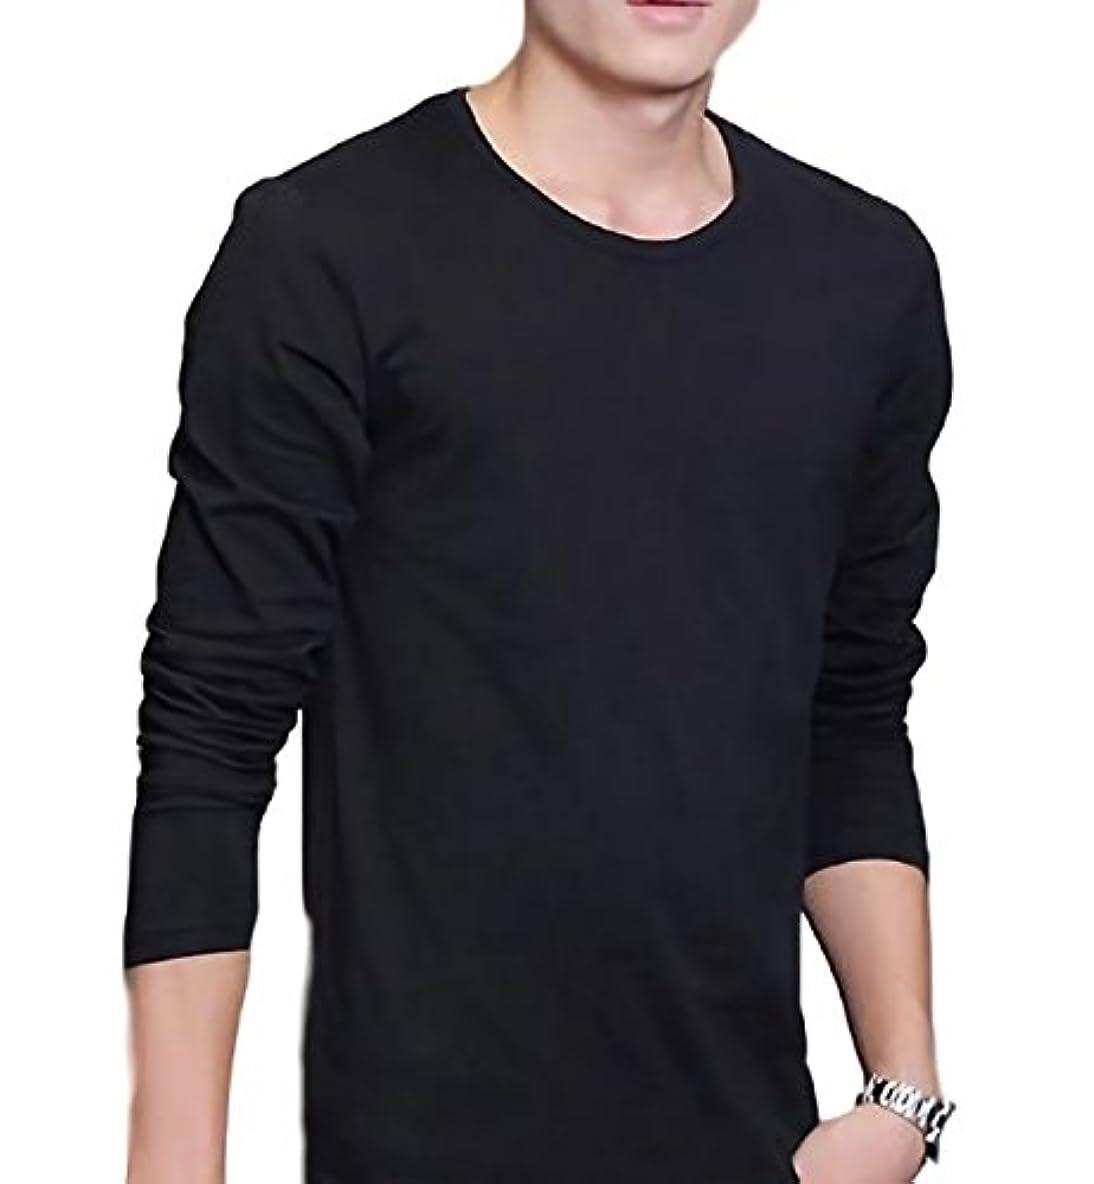 アニメーション検出直接[プライマリーデザイン] ティーシャツ カットソー 長袖 メンズ